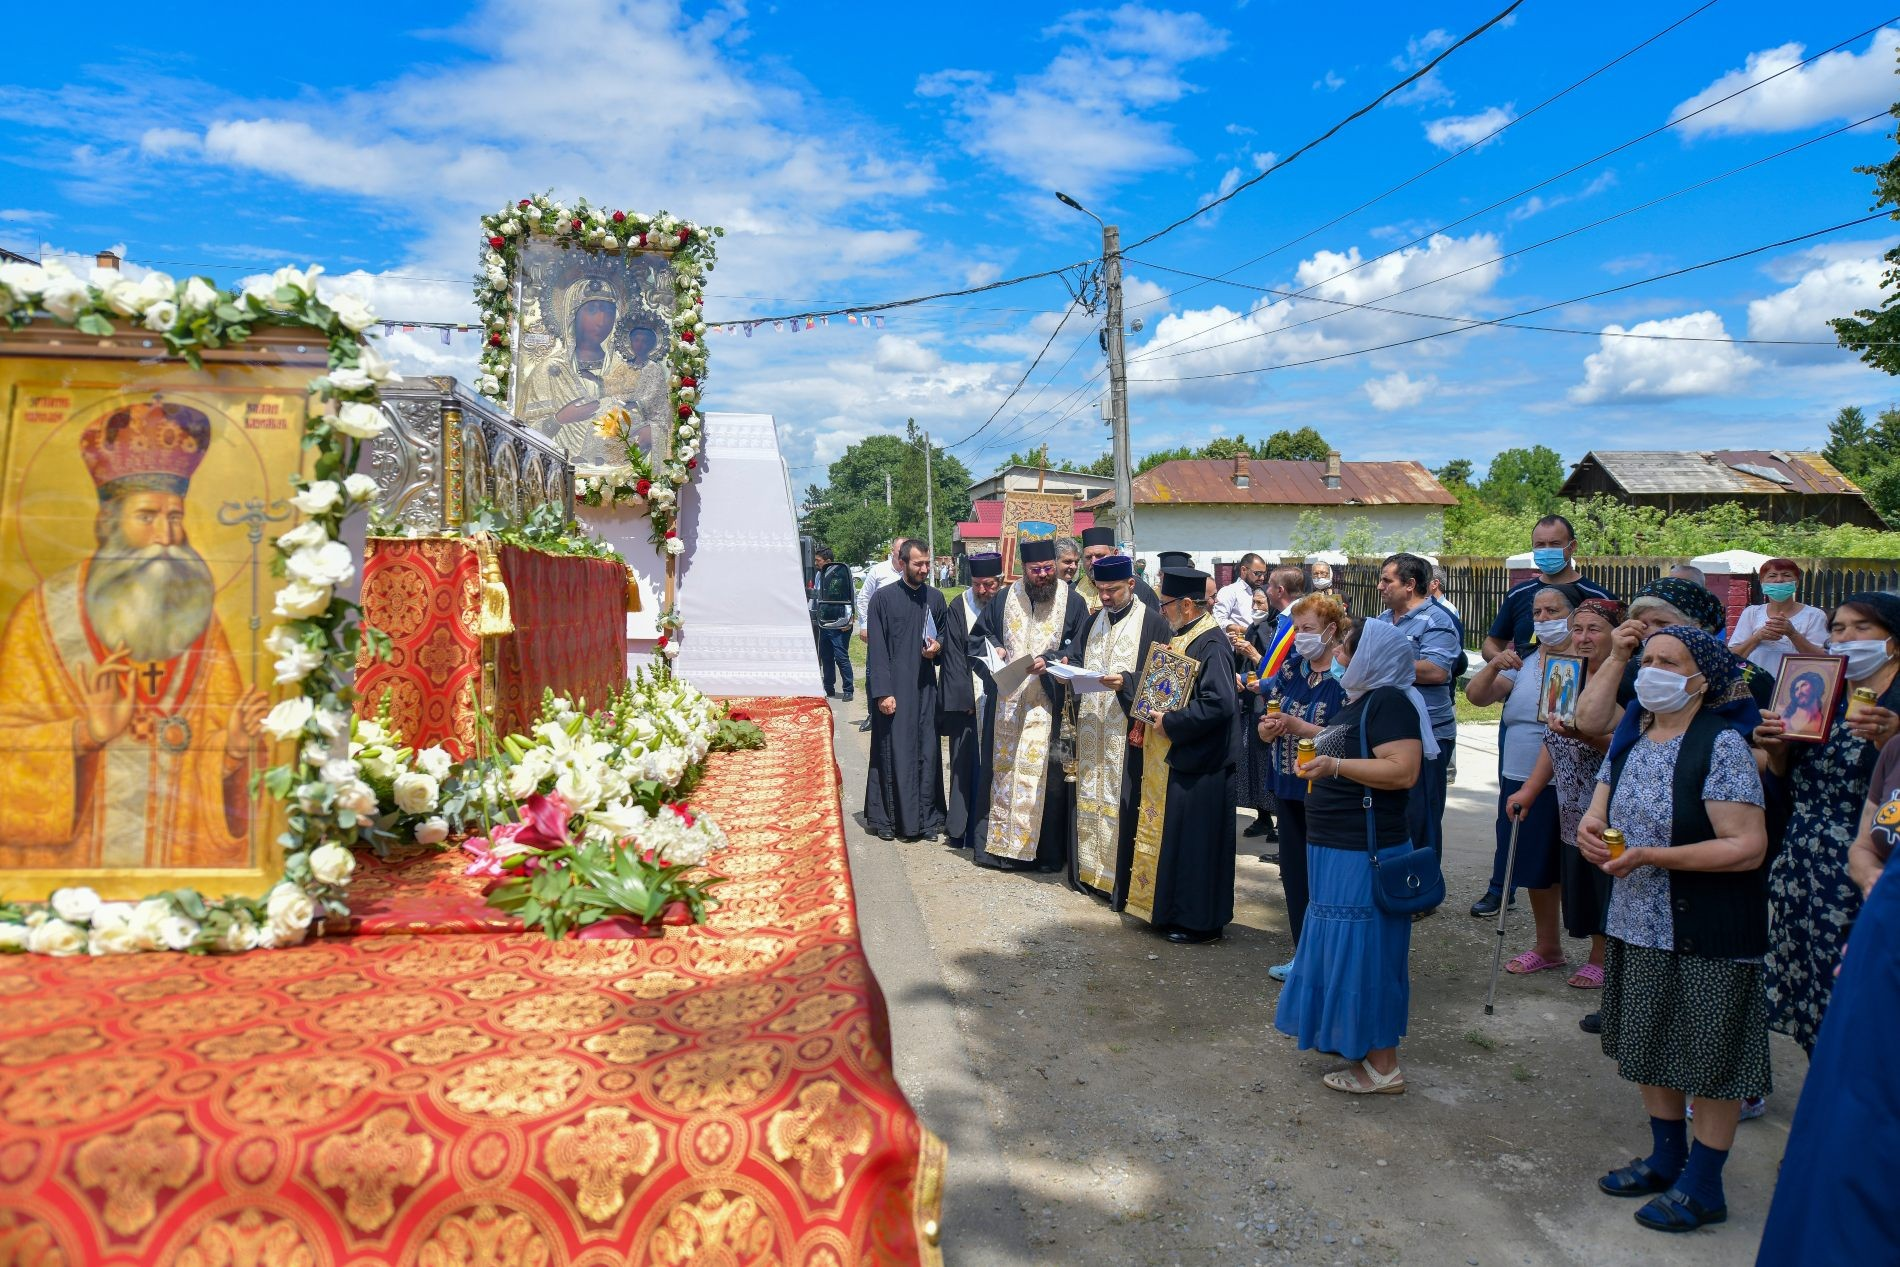 Moaștele Mitropolitului Grigorie Dascălu au fost scoase pentru prima dată în procesiune